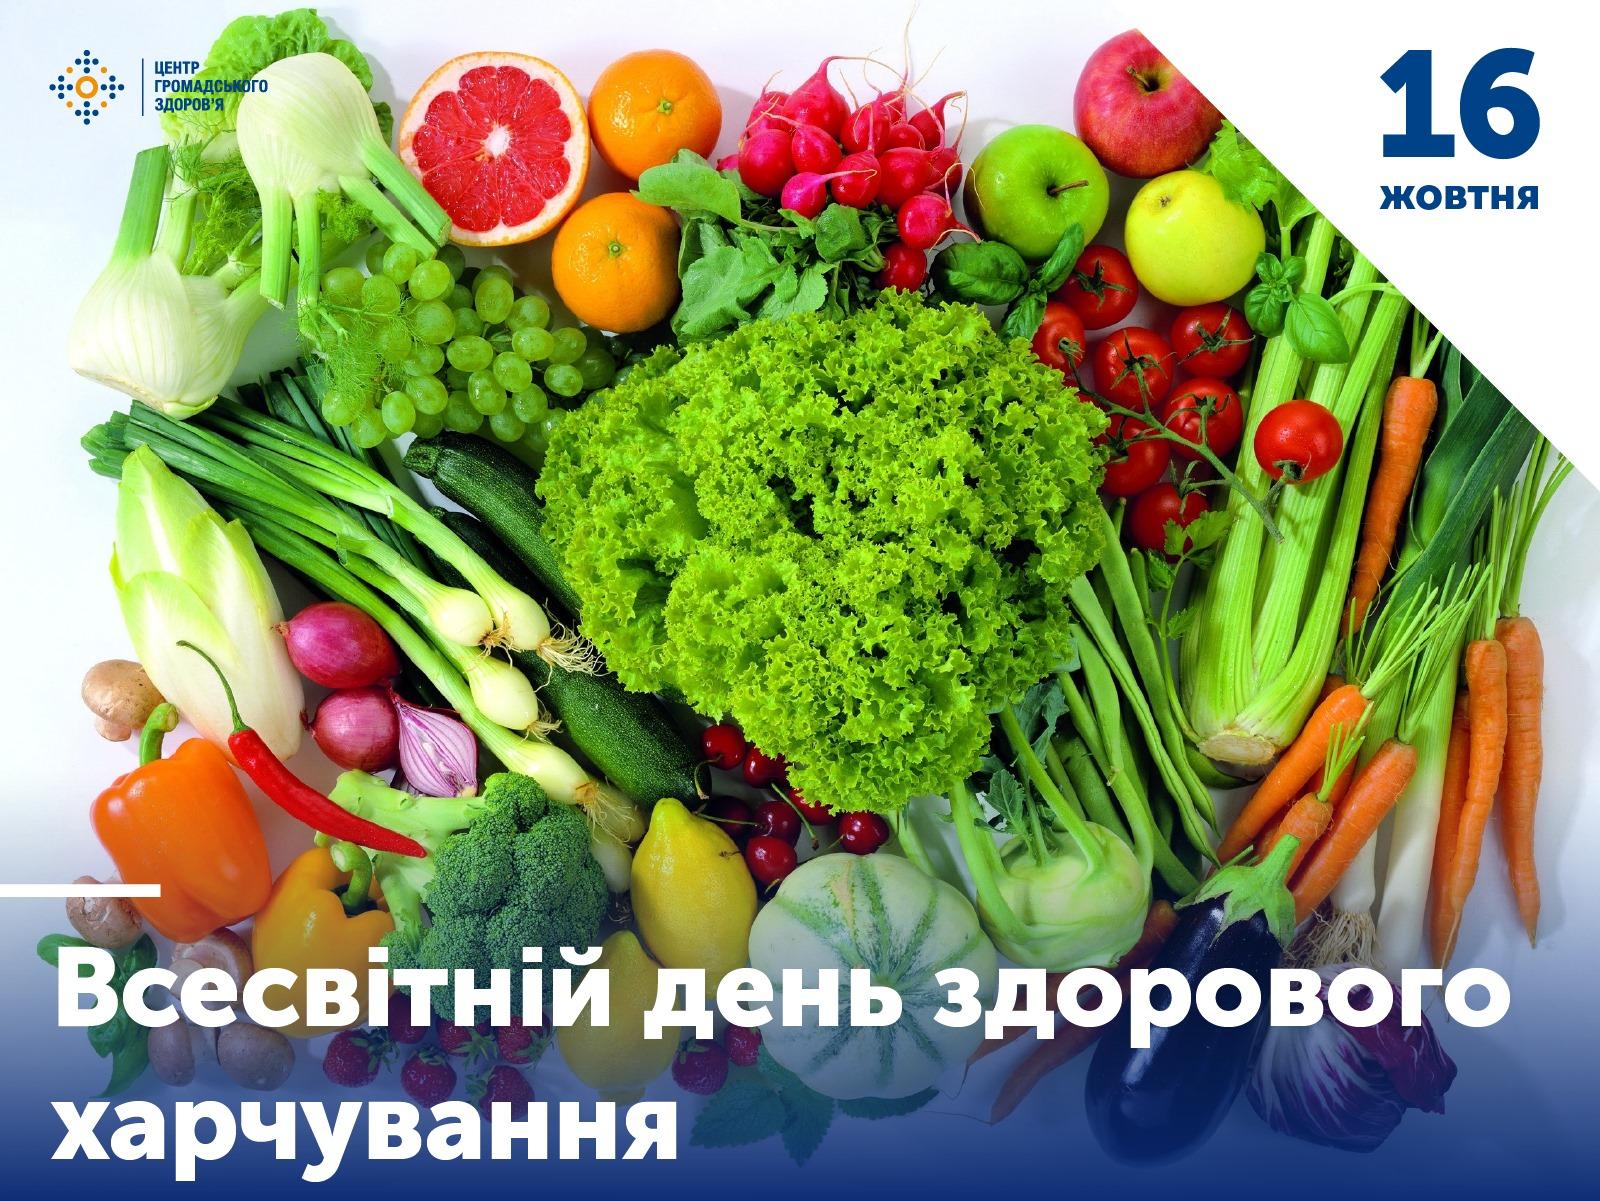 16 жовтня- всесвітній день здорового харчування.